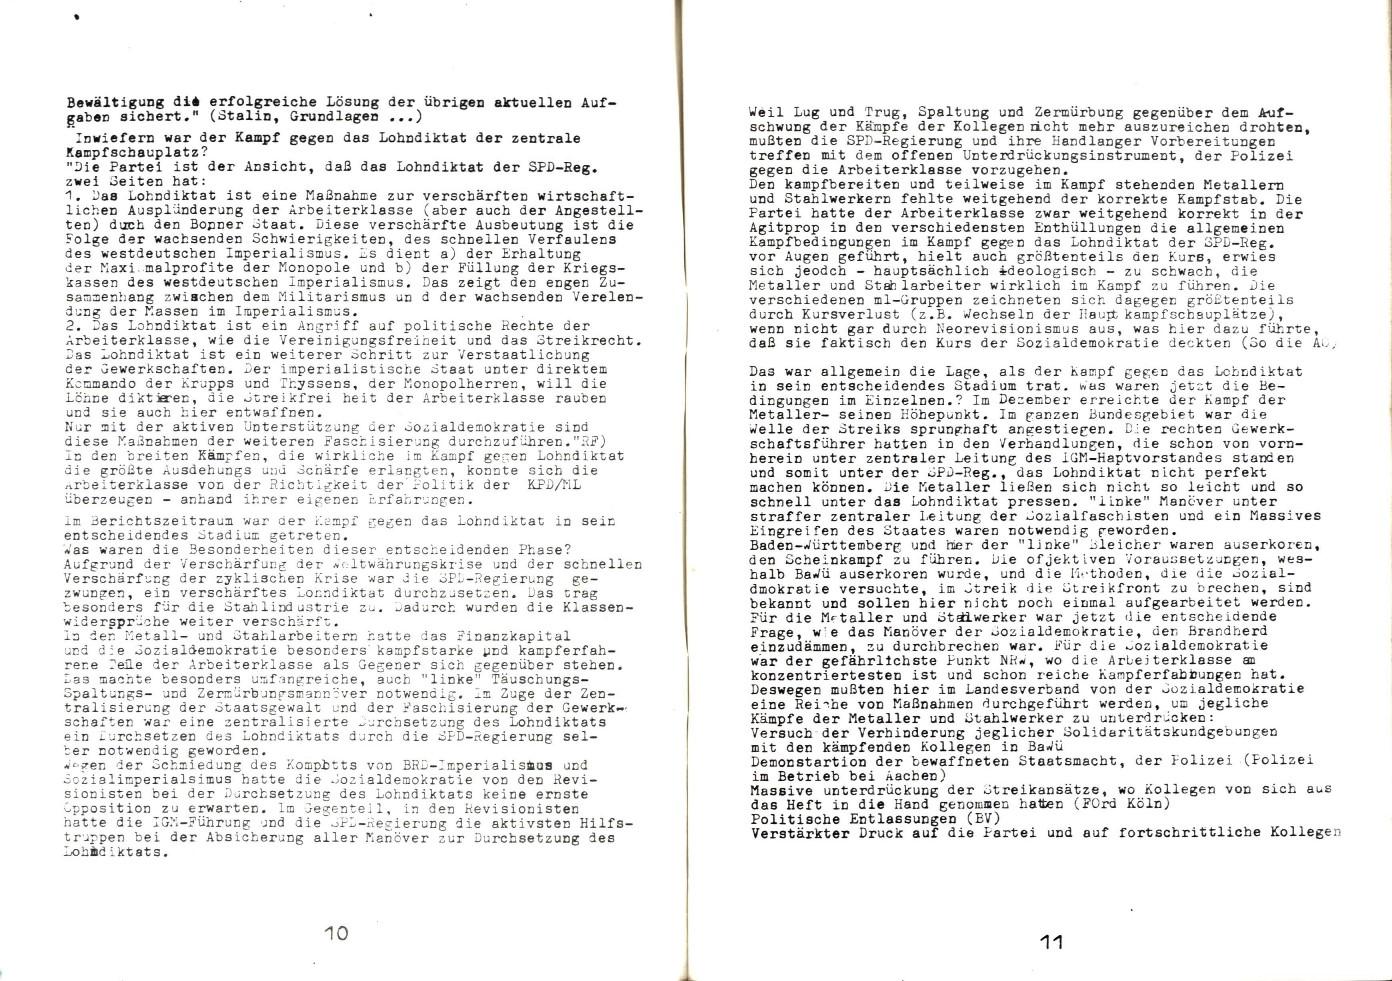 NRW_KPDML_Der_Bolschewist_1972_04_07